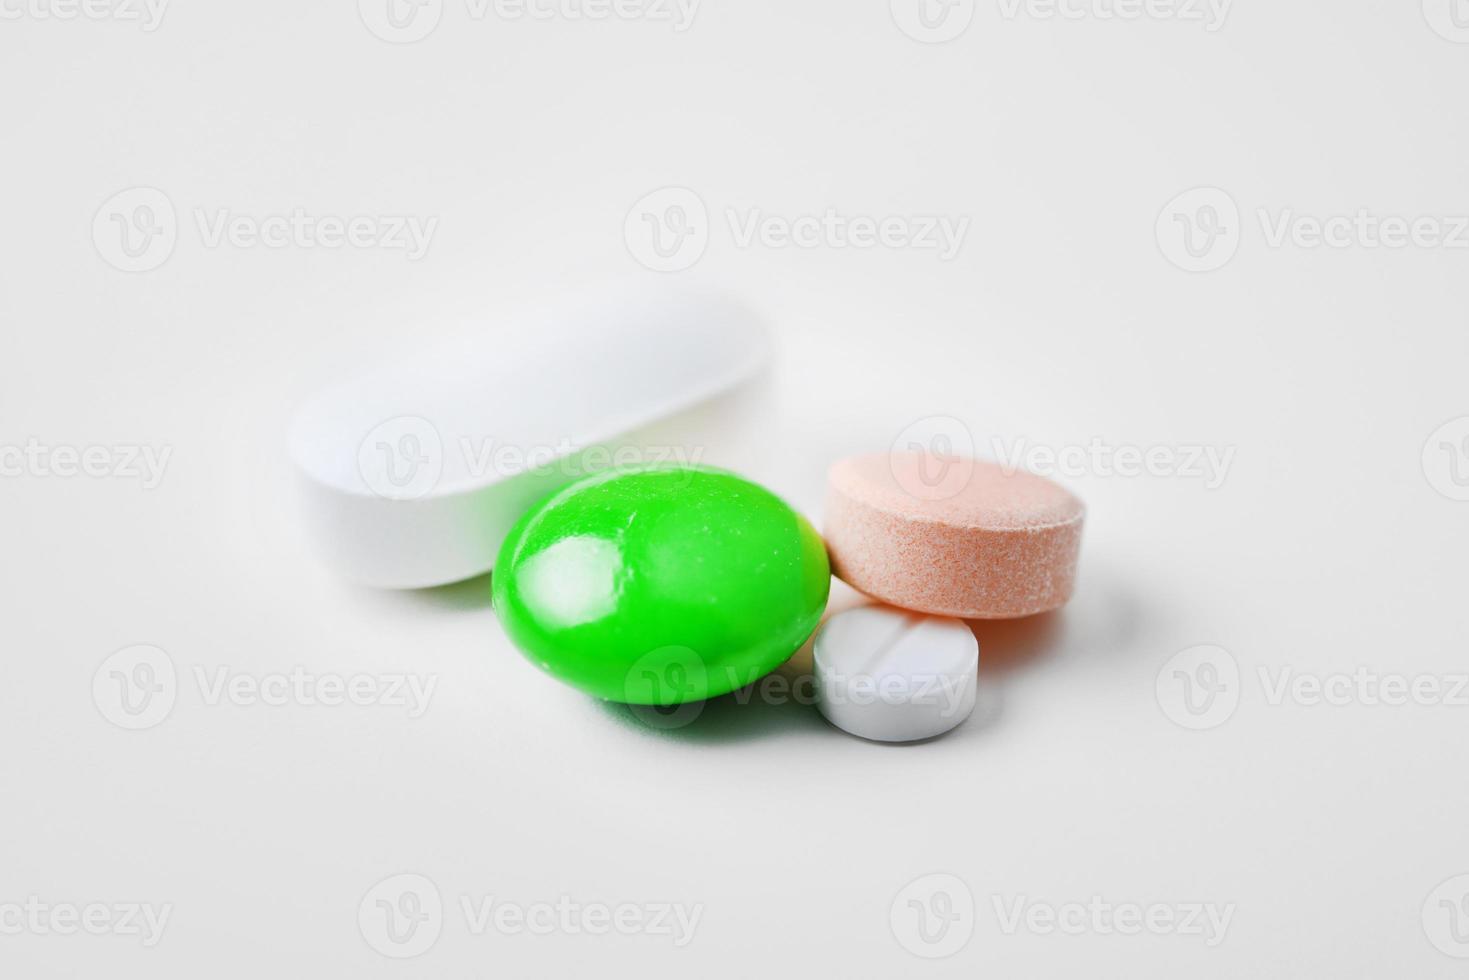 medicin och piller foto